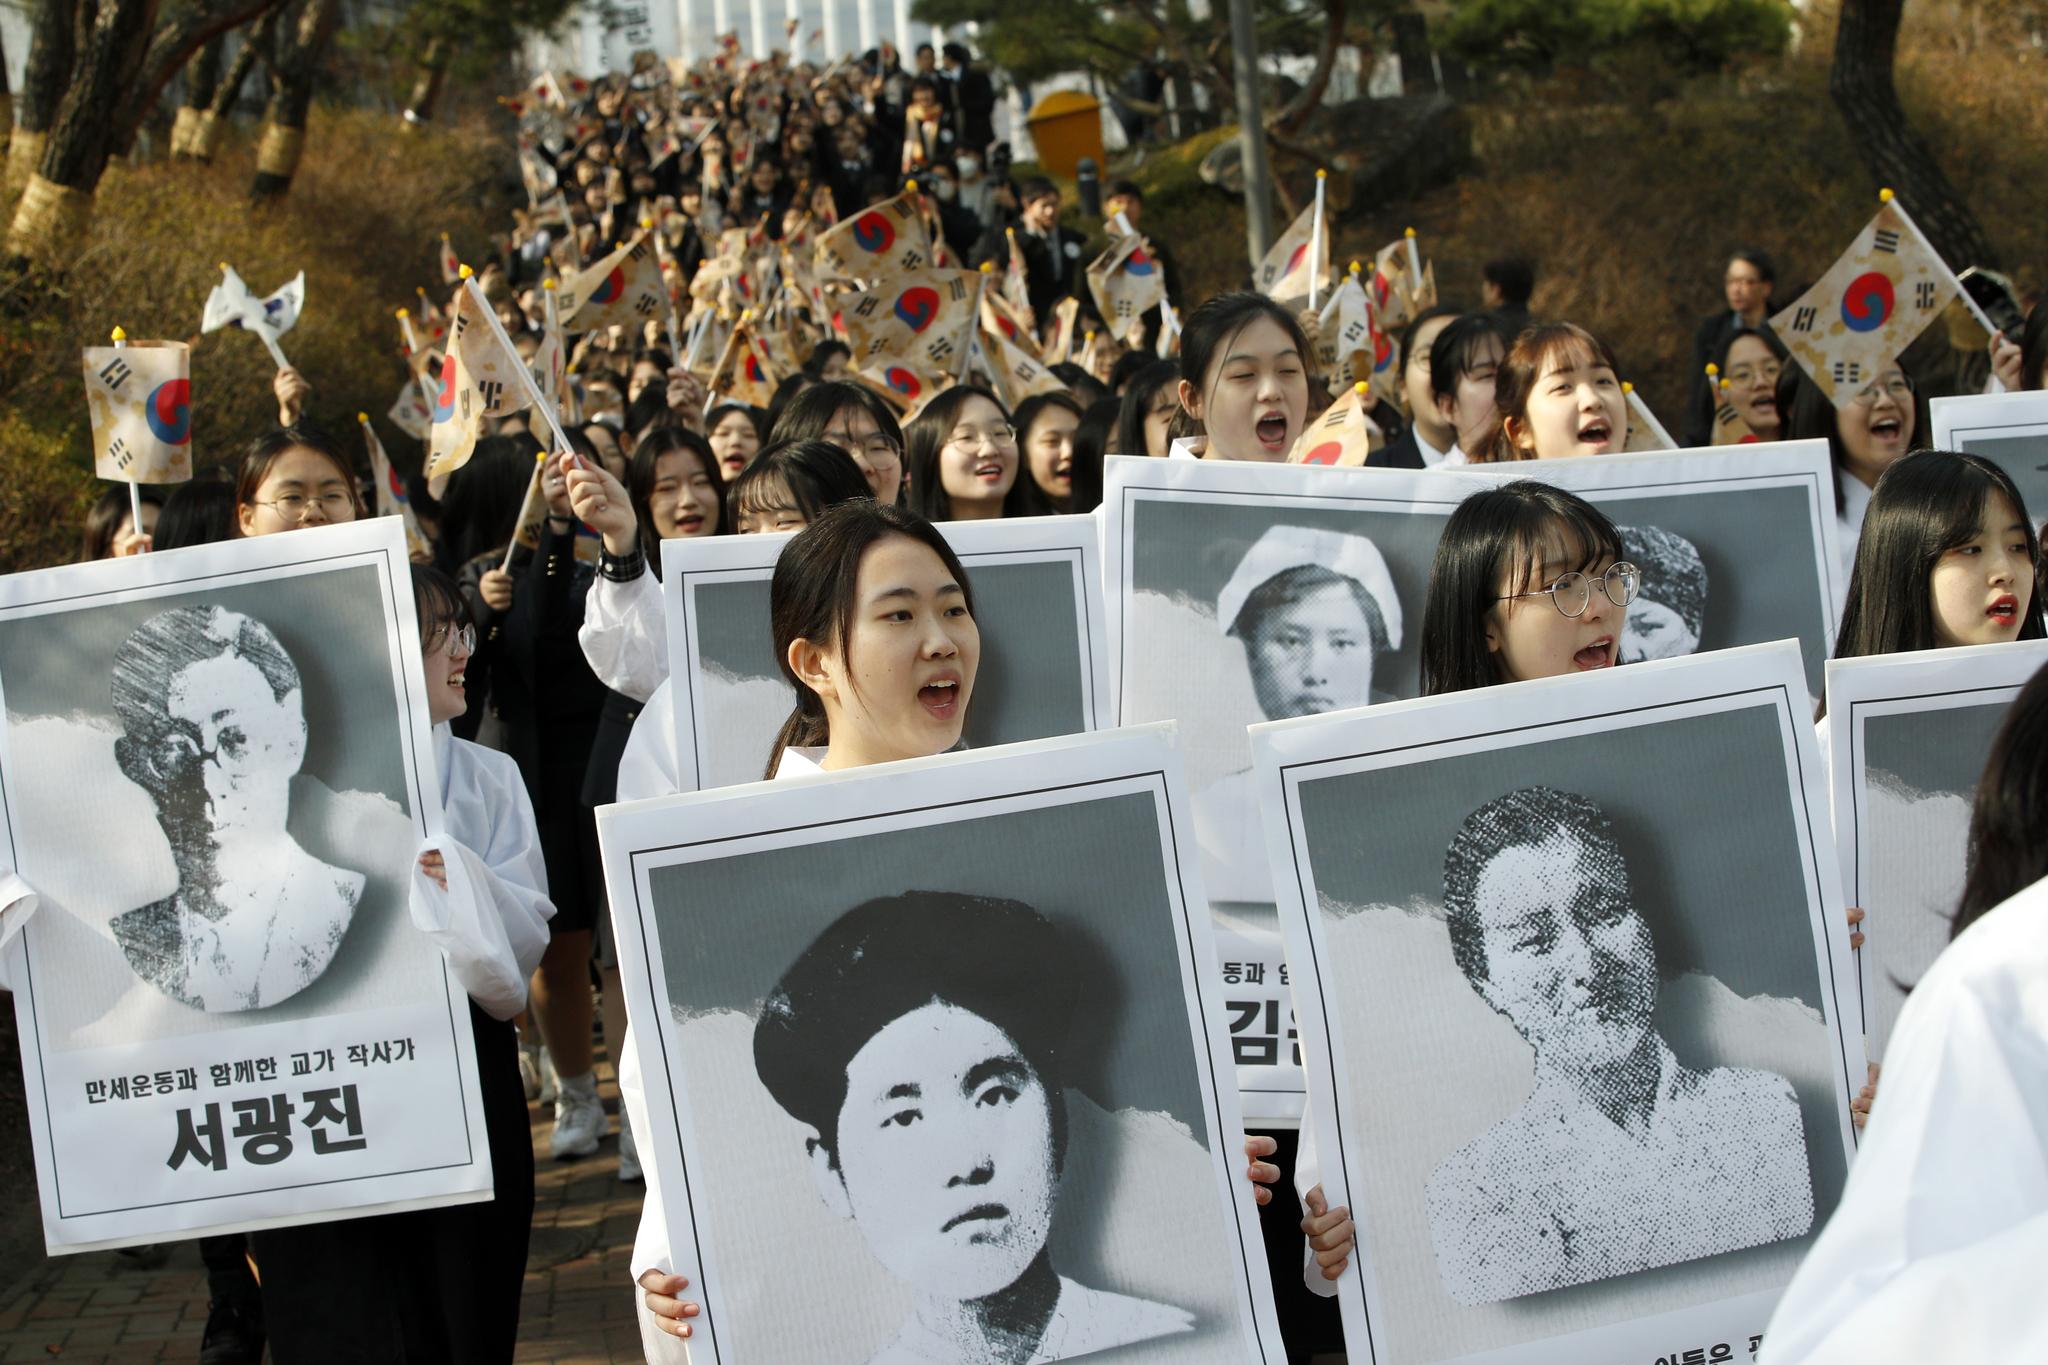 이화여고, 이화외고 학생들이 1일 오전 서울 중구 이화여고에서 3.1절 100주년을 맞아 유관순 열사를 비롯한 독립운동가들의 정신을 기리며 행진하고 있다. [뉴스1]